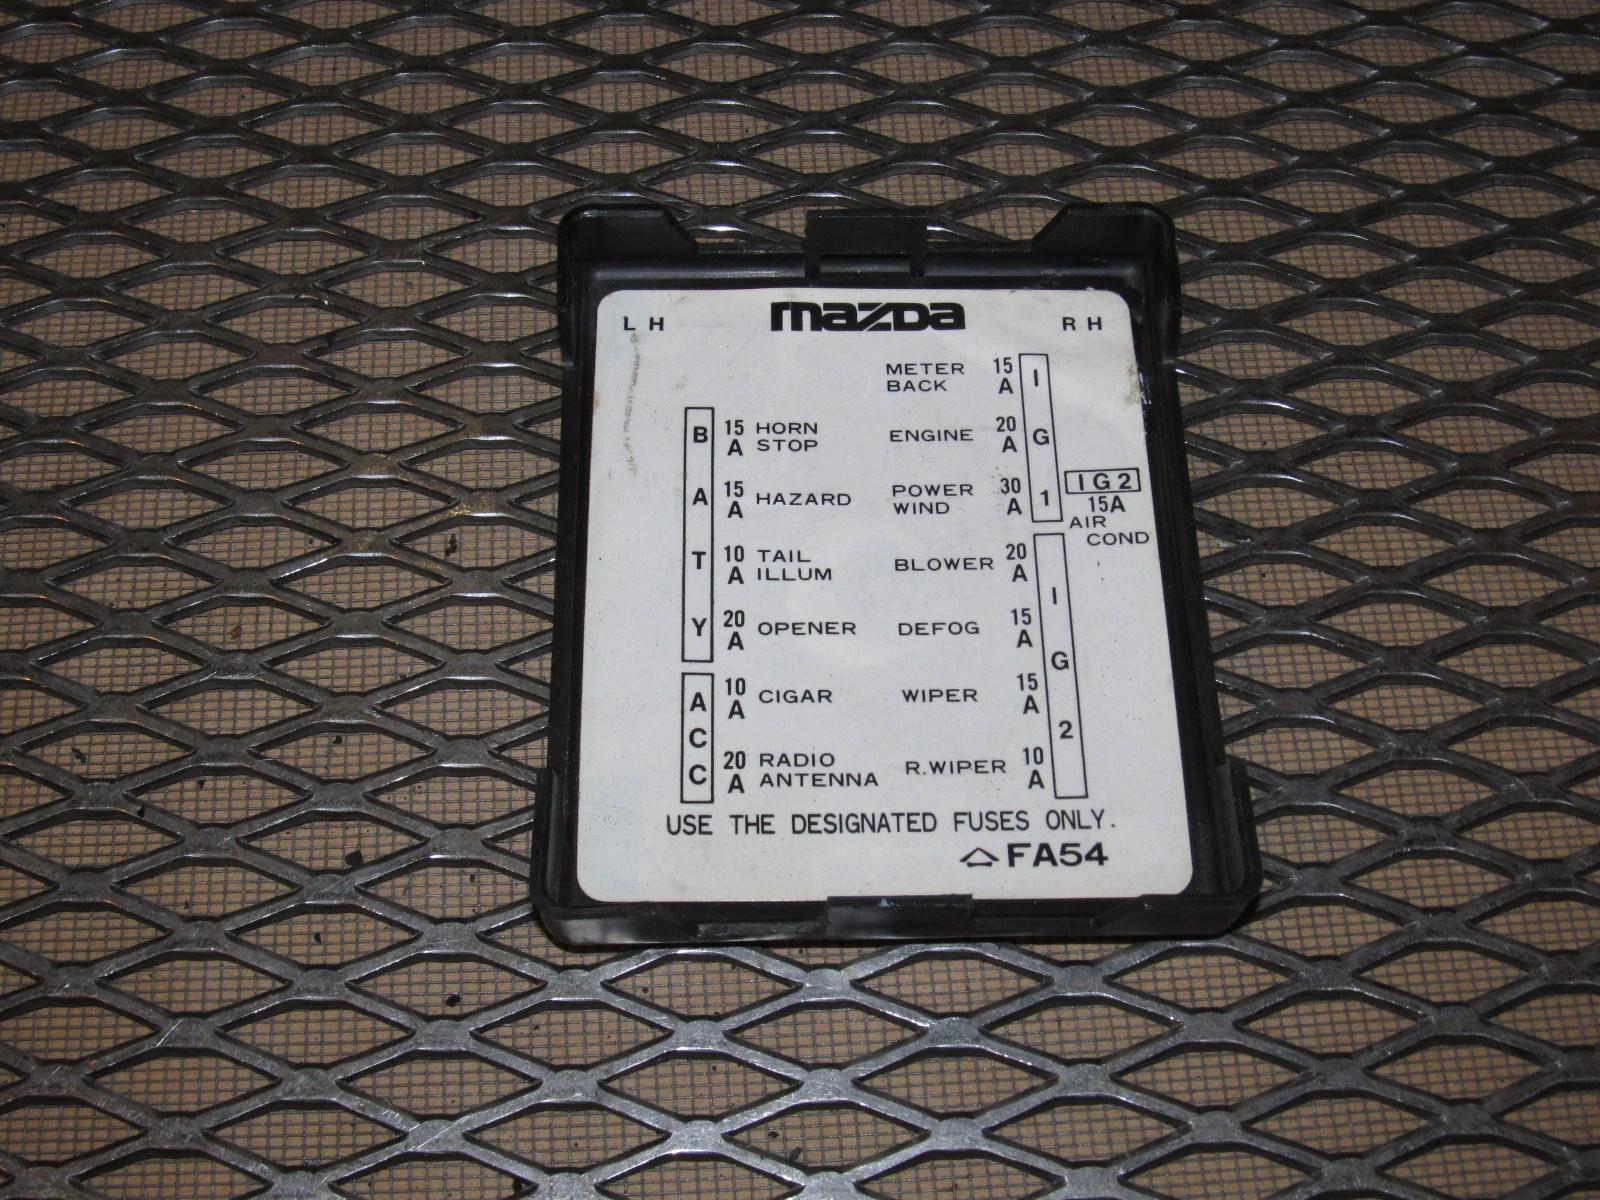 1990 Mazda Miata Fuse Box Diagram 2004 Mazda Mx 5 Miata Fuse Box